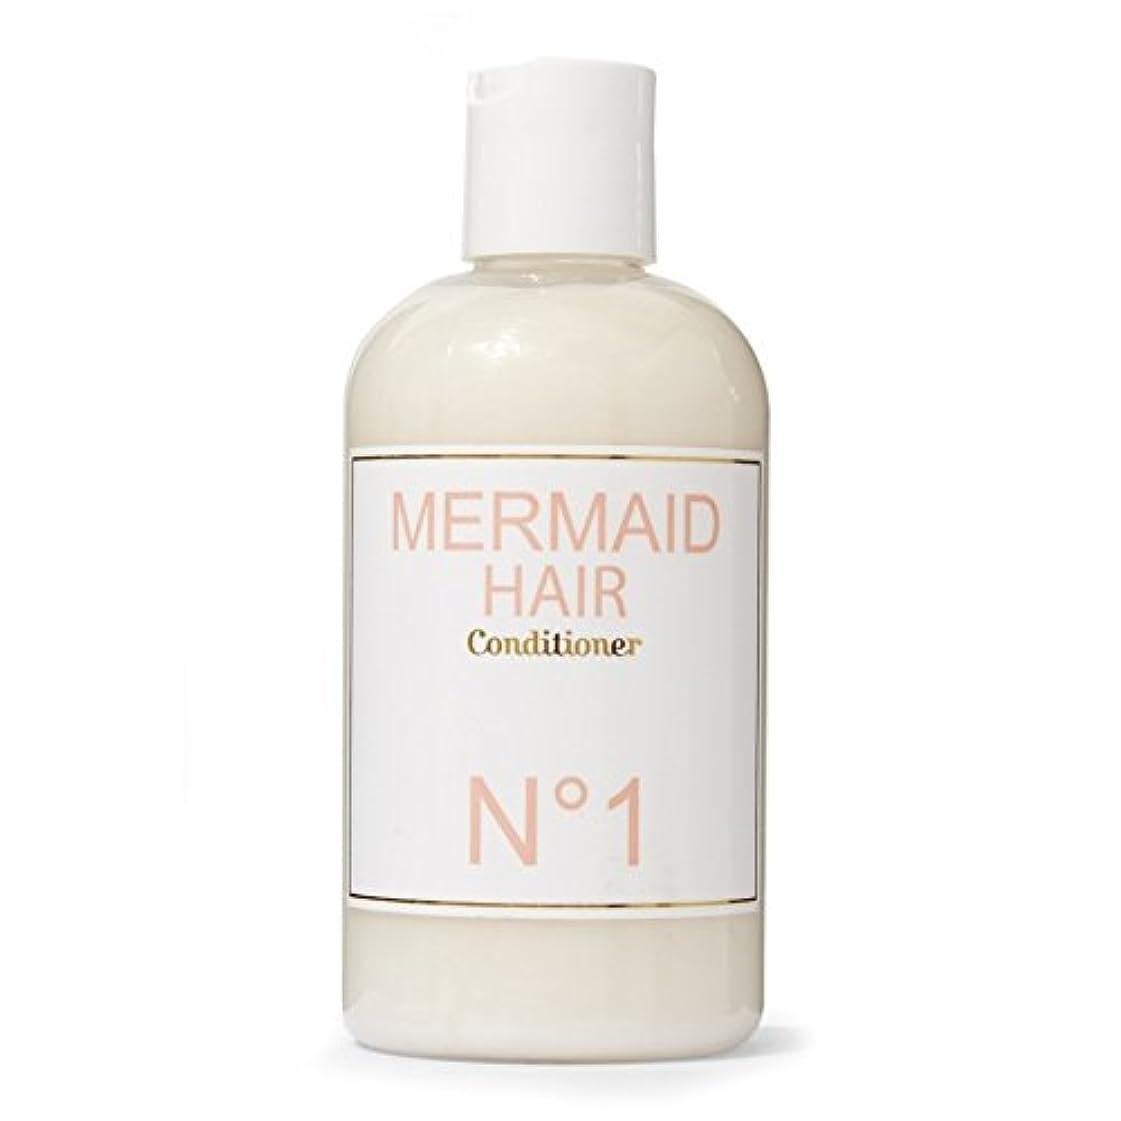 ゴム不誠実合金Mermaid Perfume Mermaid Conditioner 300ml - 人魚香水人魚コンディショナー300ミリリットル [並行輸入品]